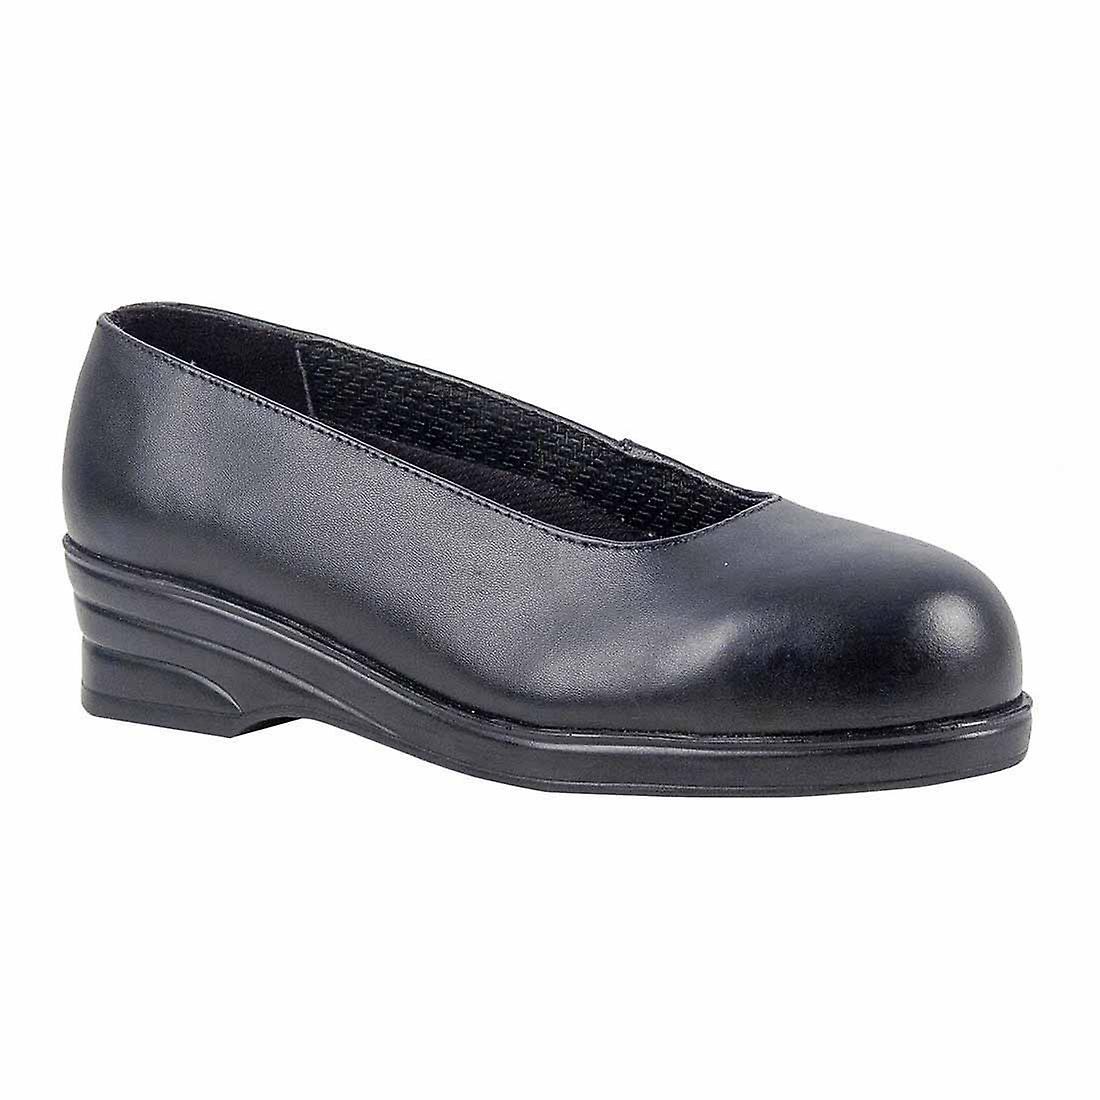 Portwest - Steelite Ladies Court Workwear Safety Shoe S1